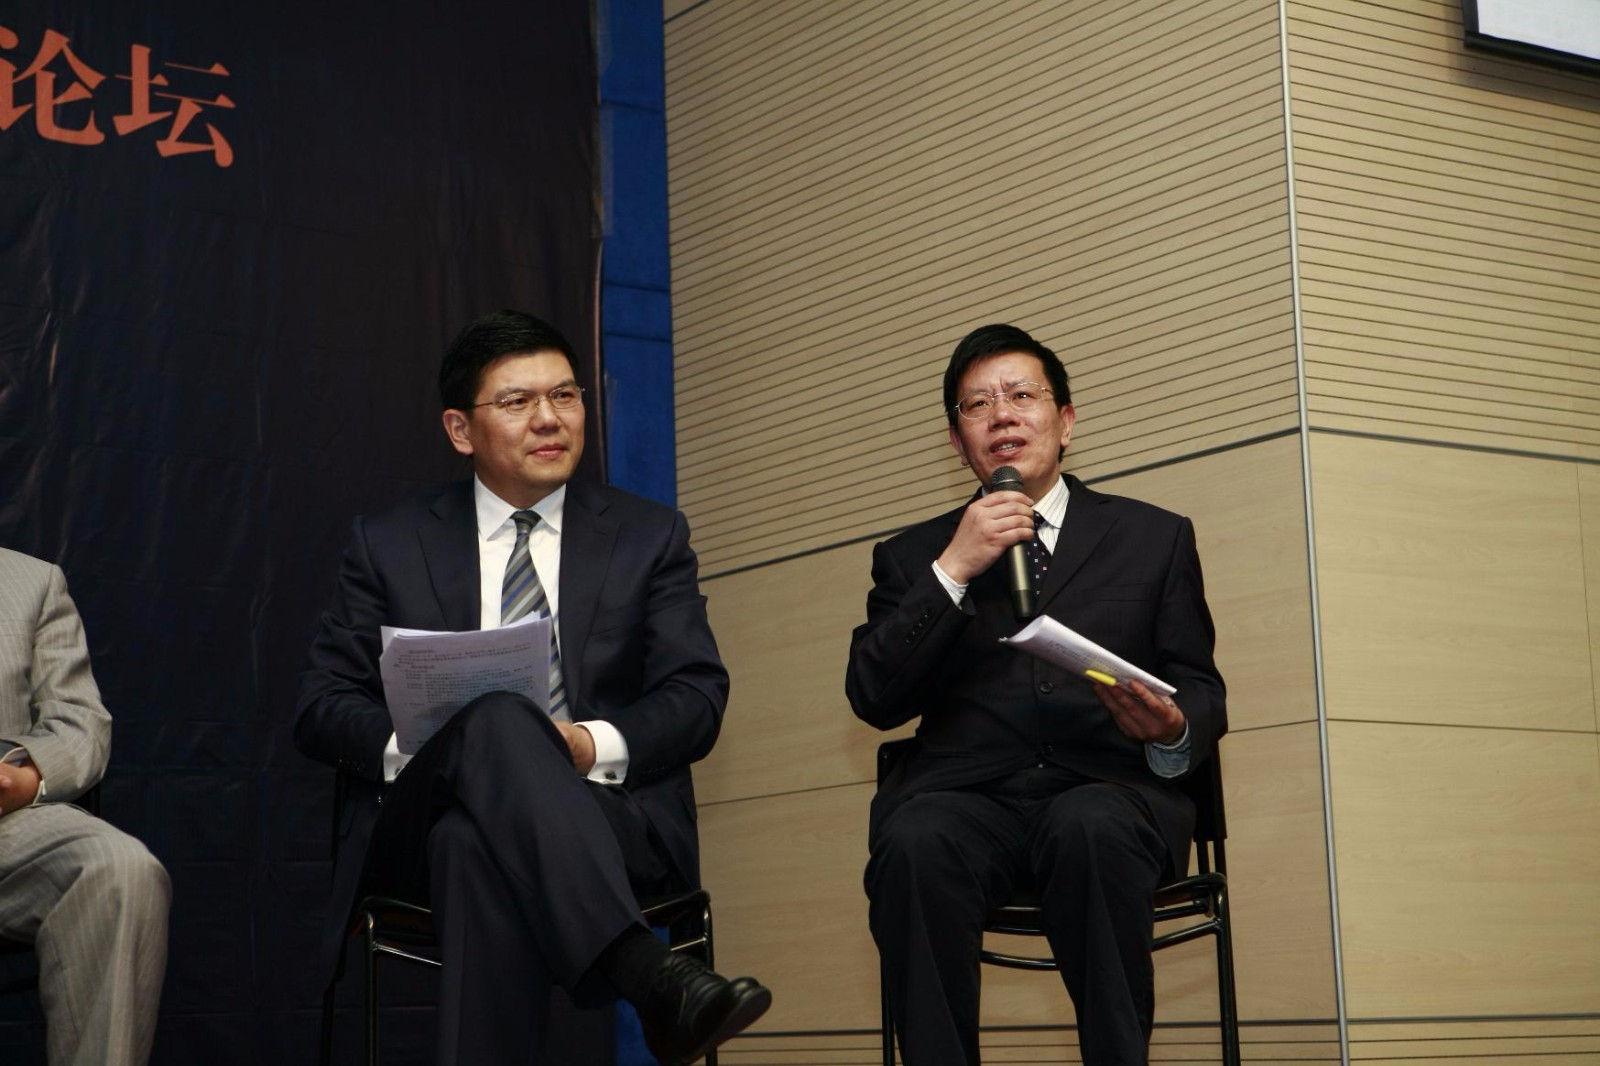 """南京大学EMBA管理峰会论坛-刘洪教授与嘉宾针对""""企业发展危中有机""""展开讨论"""